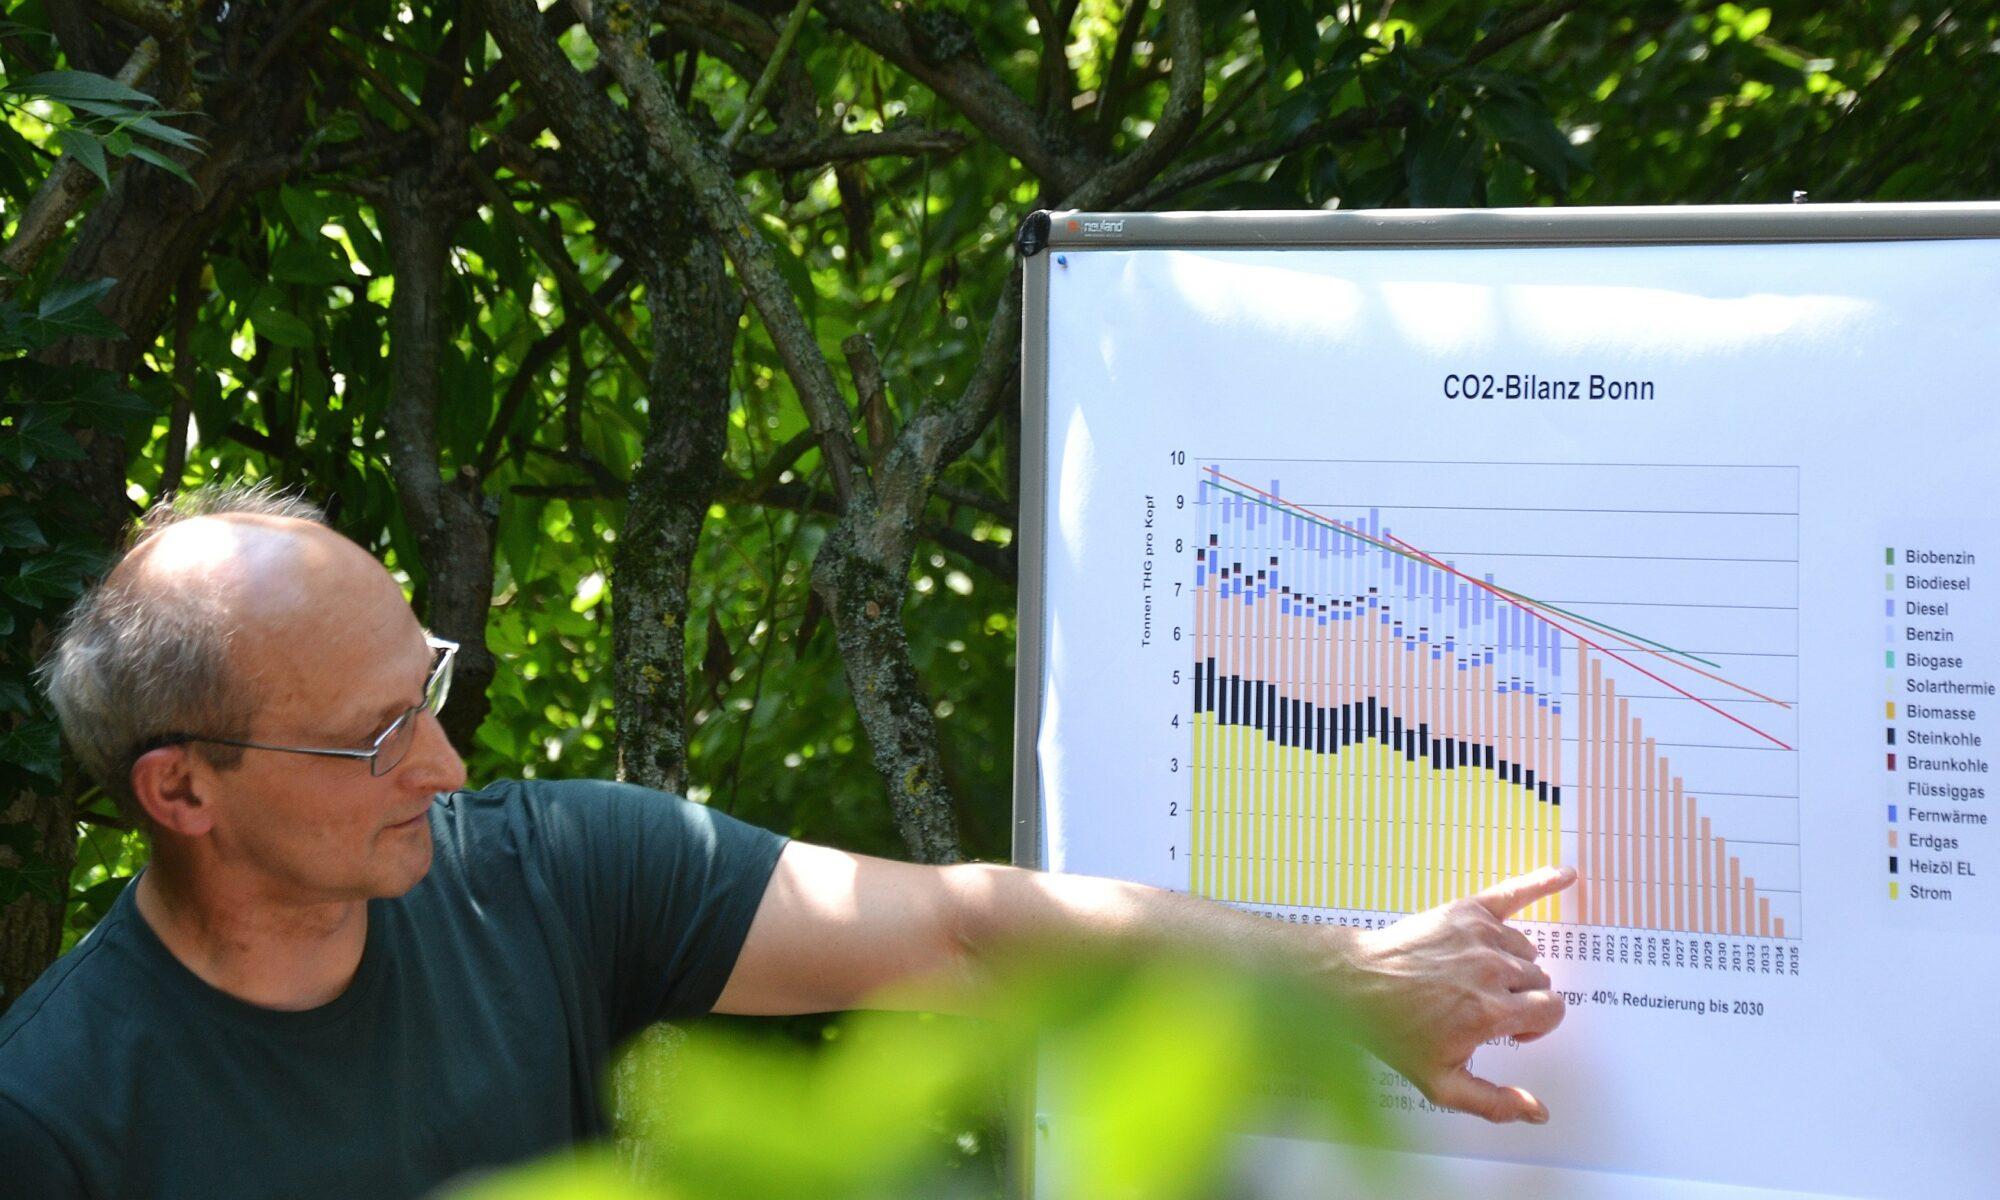 Mitarbeiter der Stadt zeigt CO2 Bilanz von Bonn